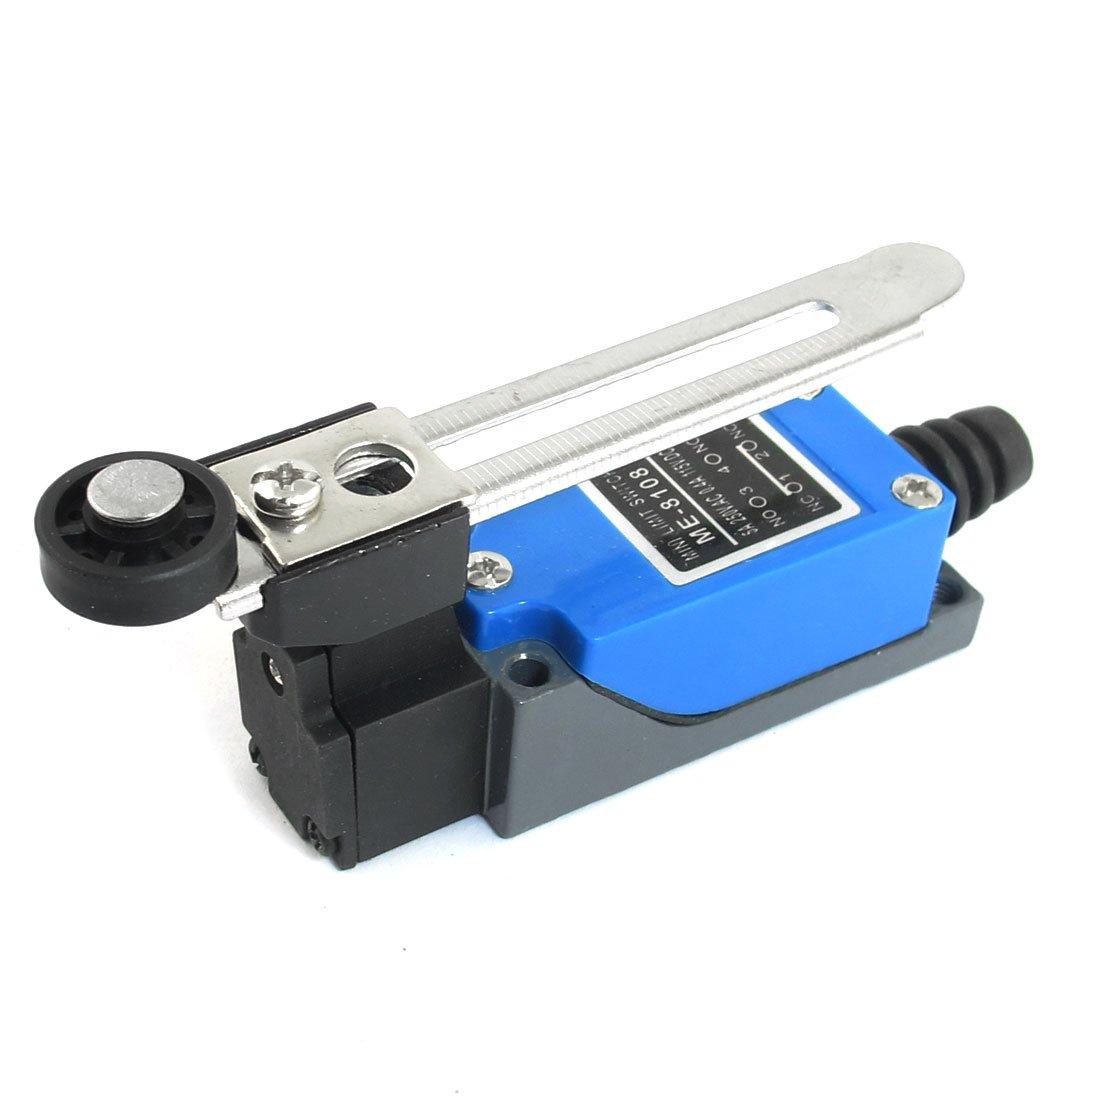 uxcell/® Adjustable Roller Lever Enclosed Limit Switch AC 250V DC 115V